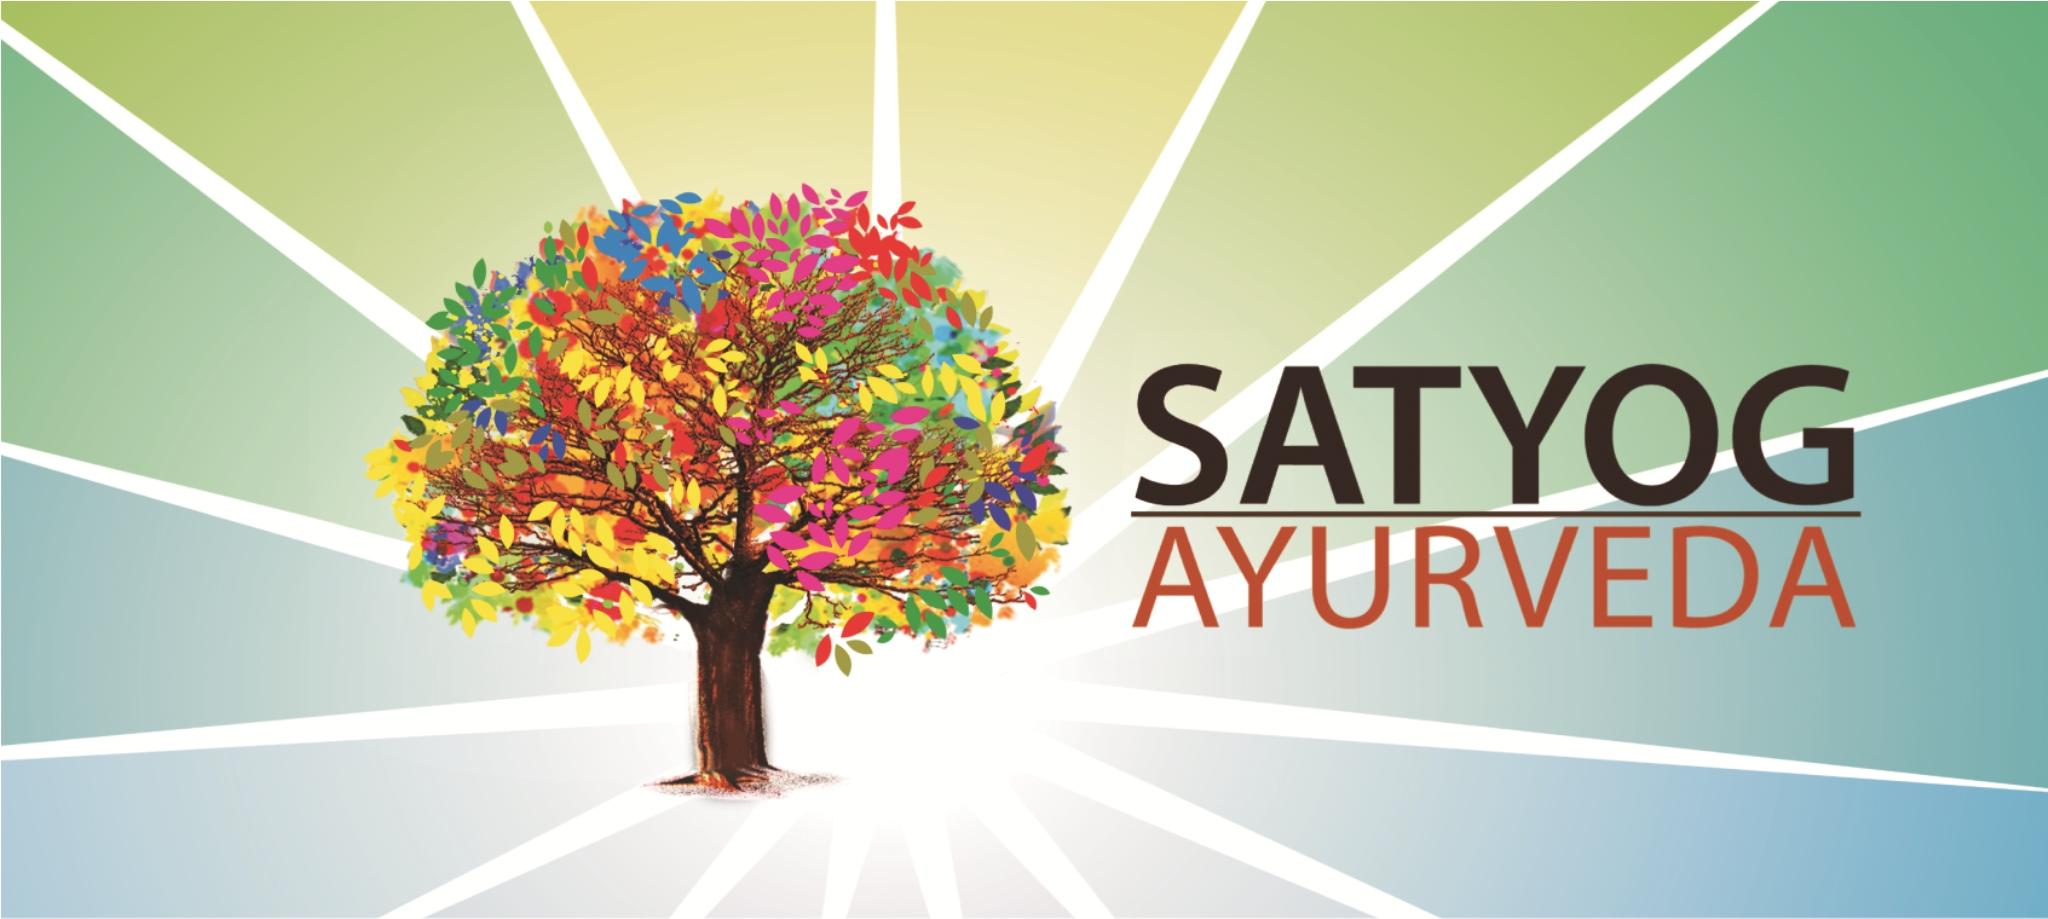 Satyog Ayurveda